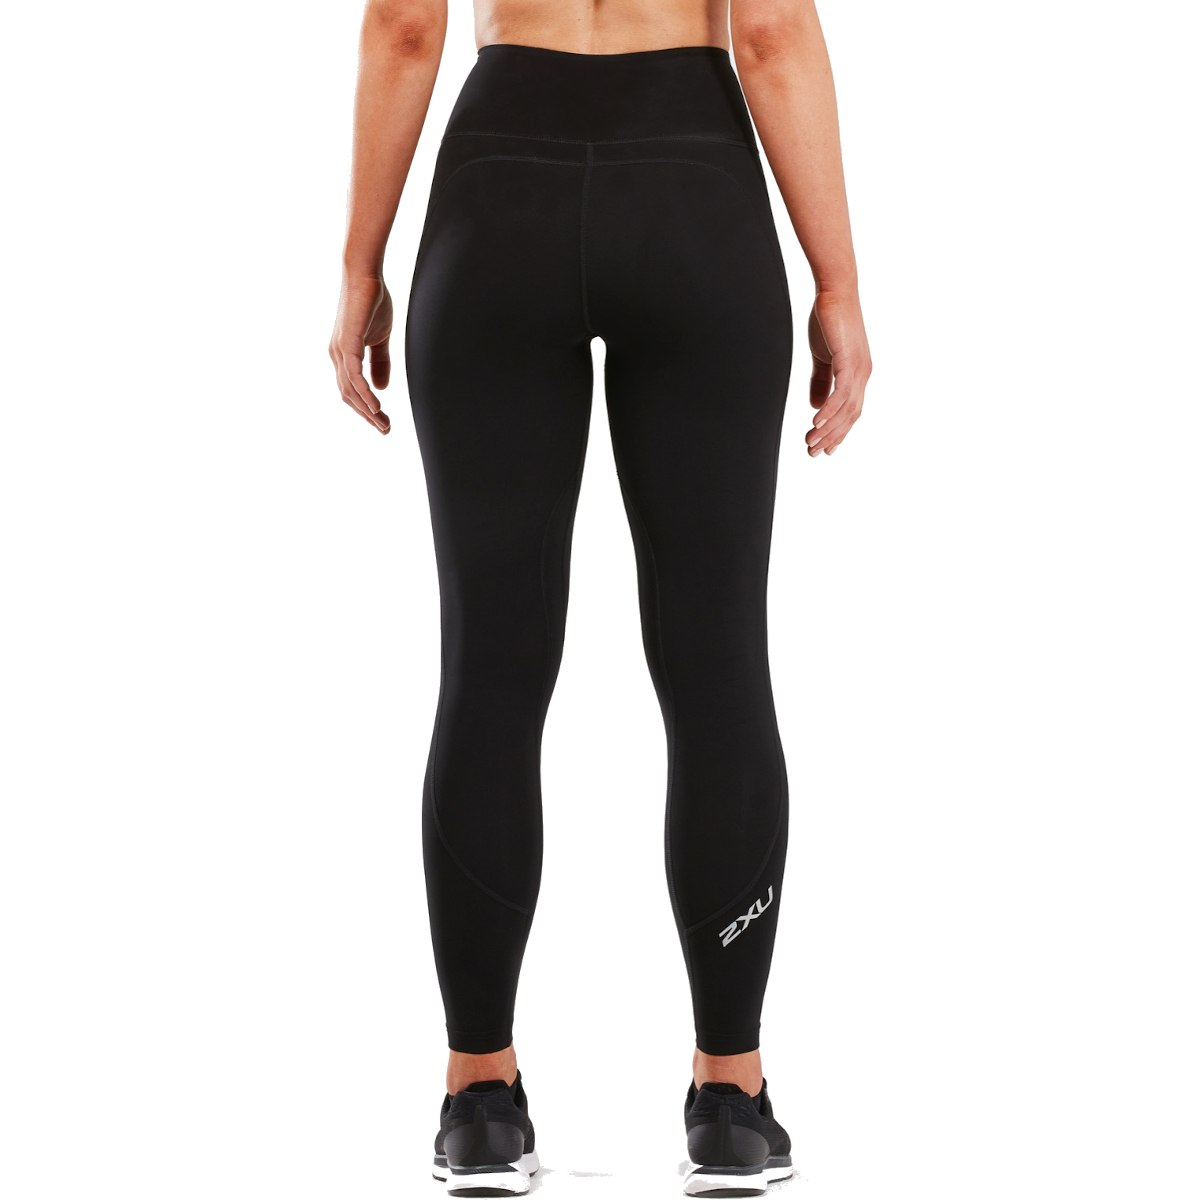 Imagen de 2XU Women's Fitness Hi-Rise Compression Tights - black/black